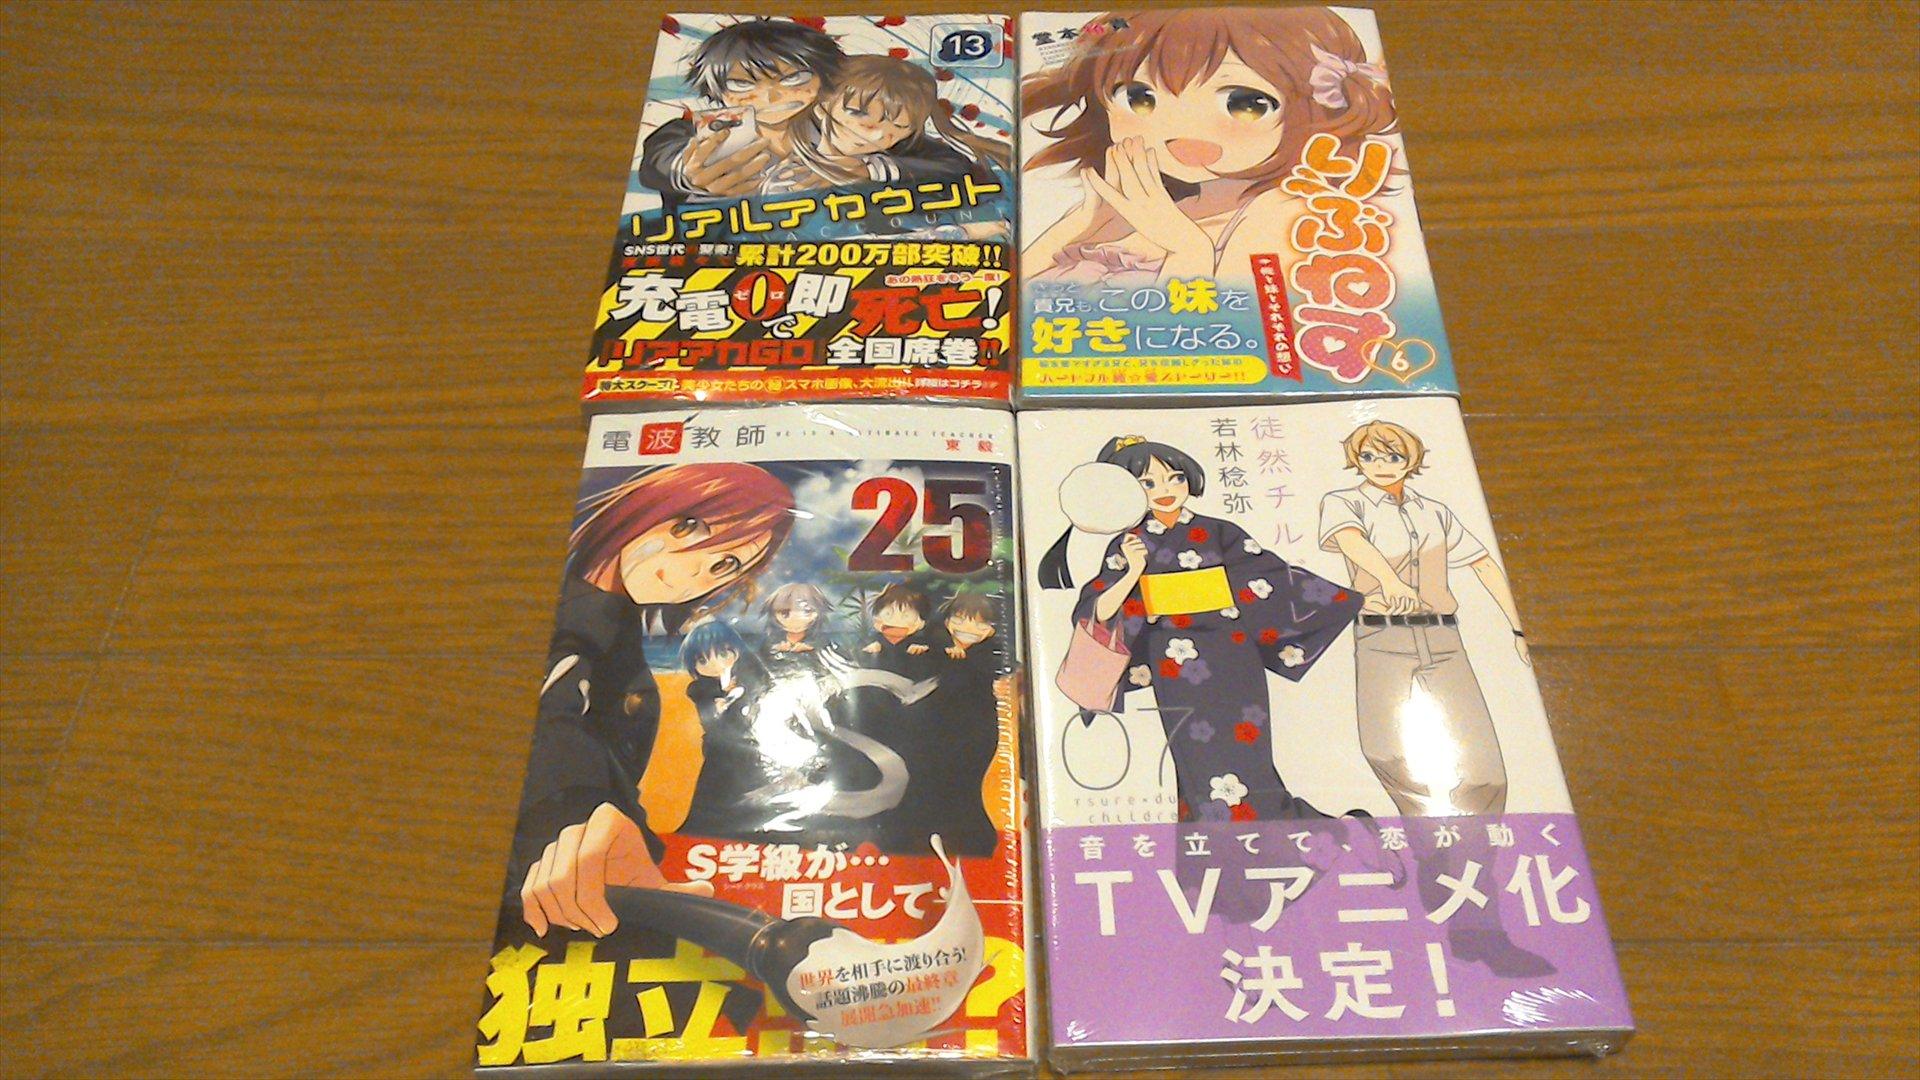 Bushido On Twitter I Bought These Manga And Light Novels